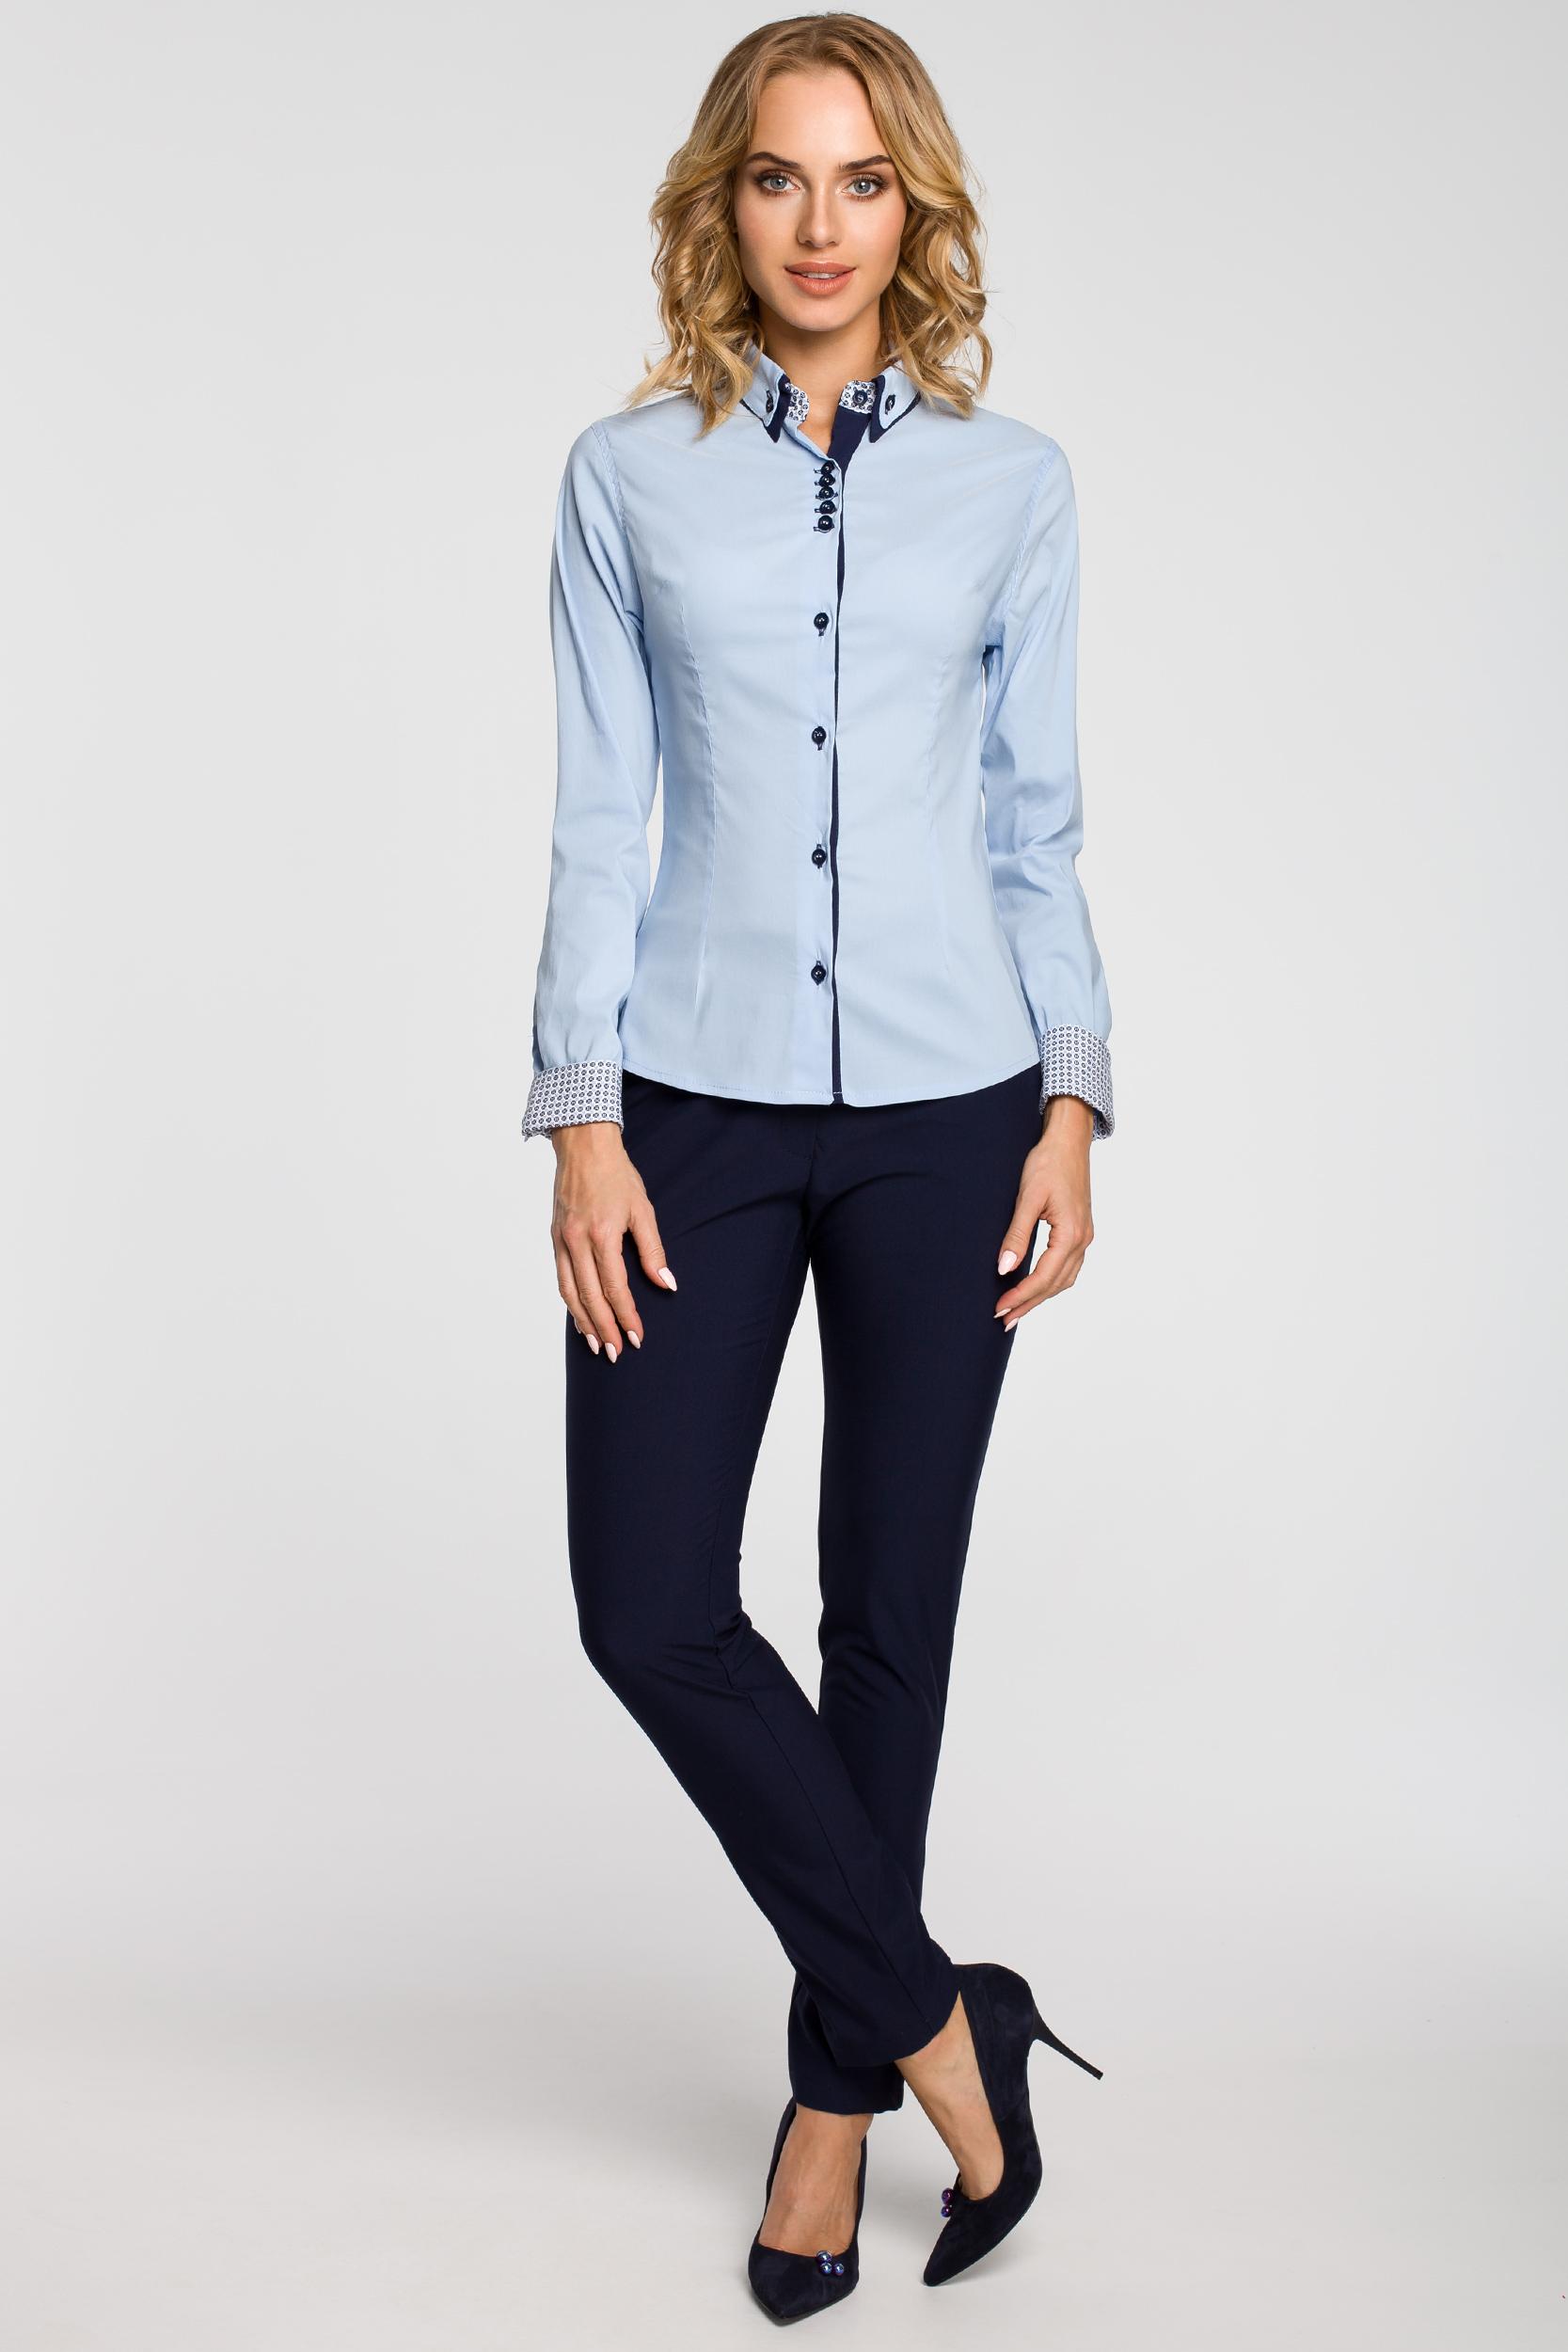 CM0665 Koszula damska z podwójnym kołnierzykiem w kontrastującym  kolorze - błękitna